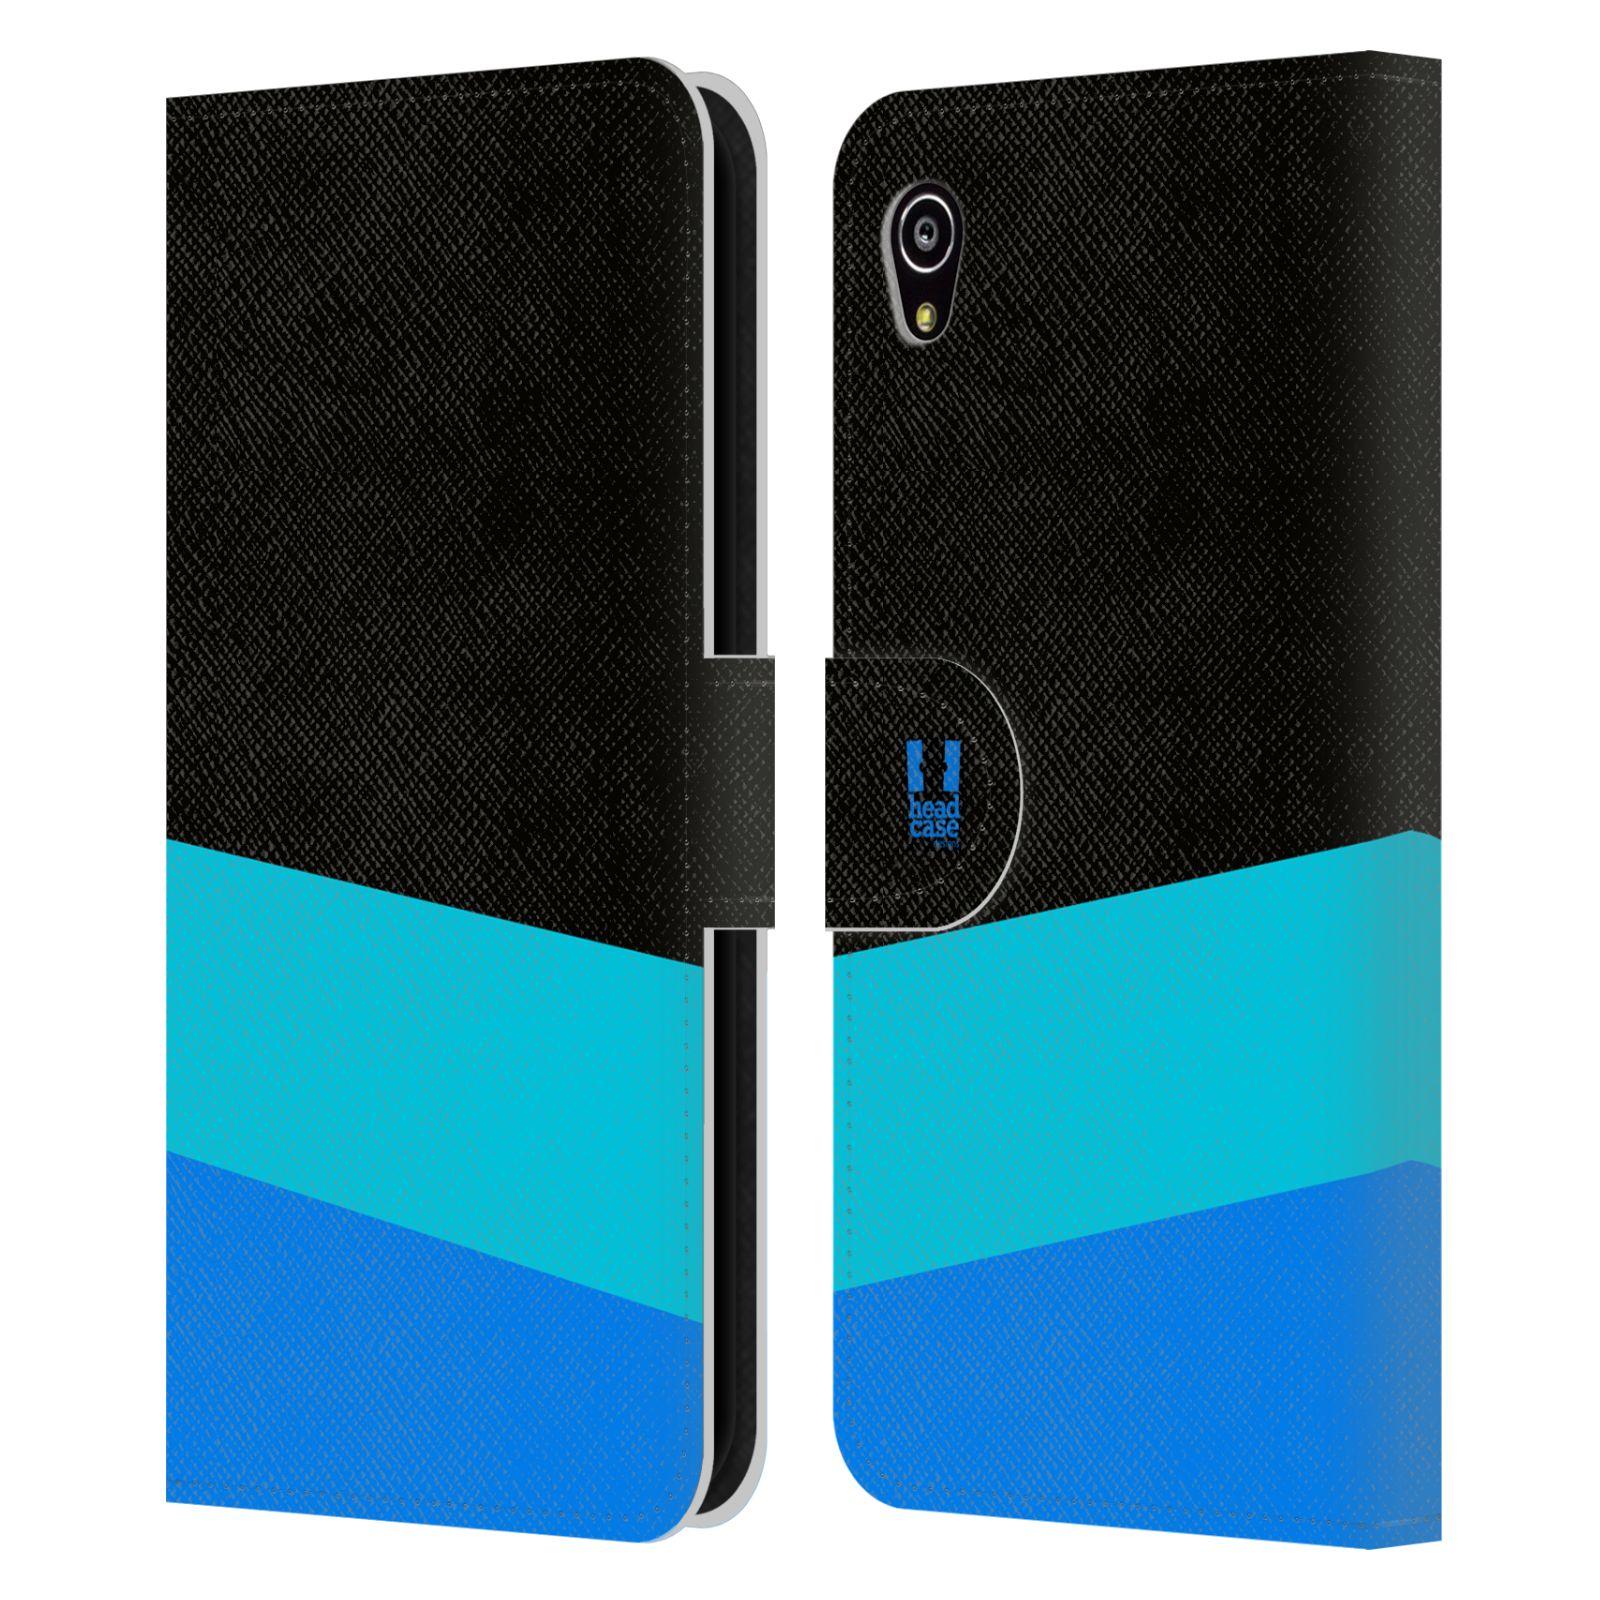 HEAD CASE Flipové pouzdro pro mobil SONY Xperia M4 Aqua barevné tvary modrá a černá FORMAL